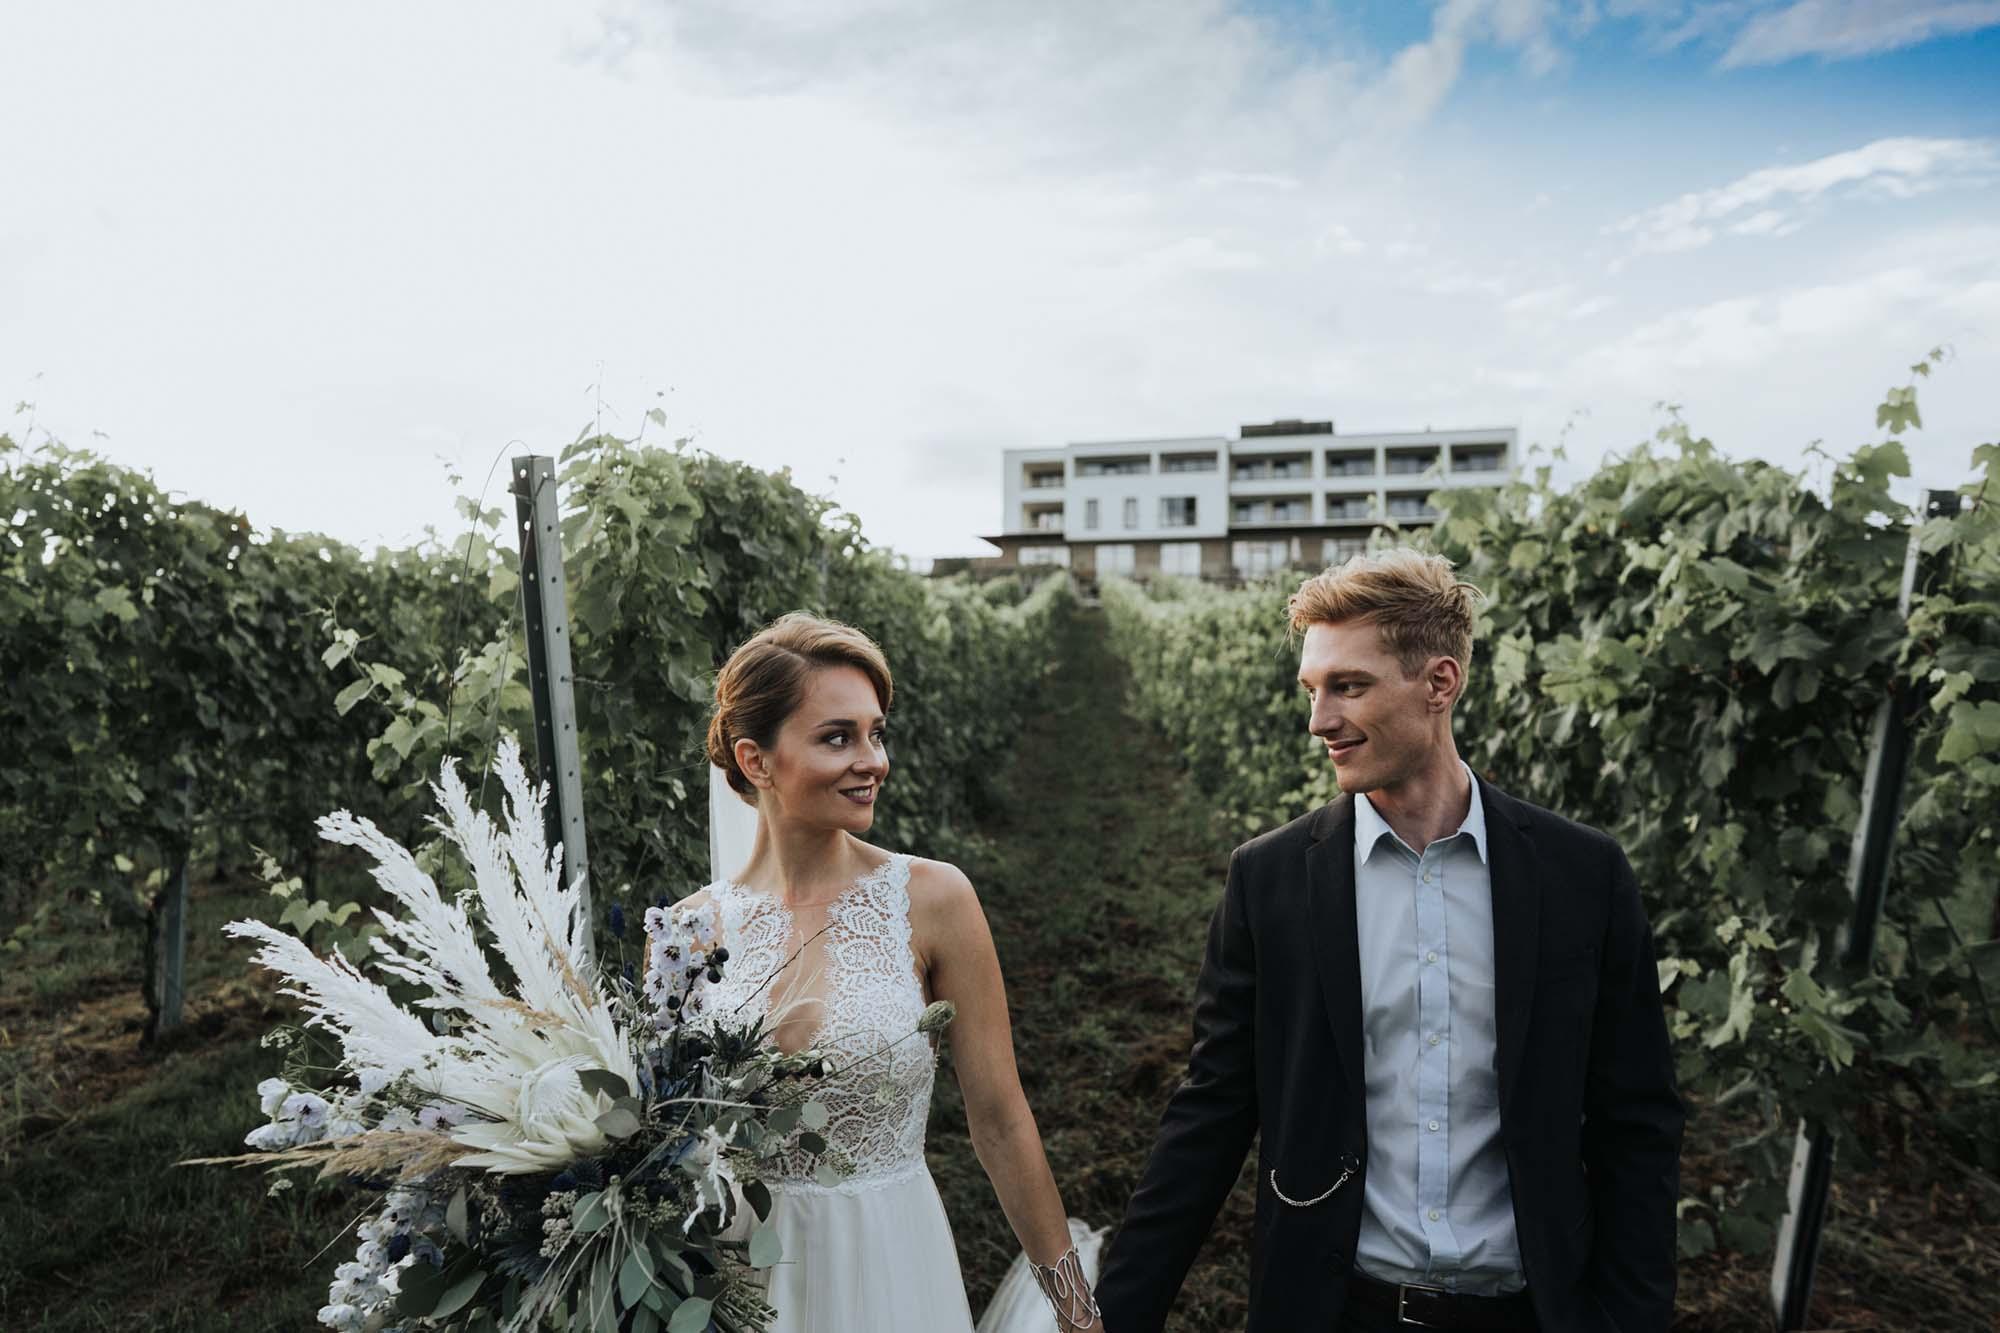 Wilde Hochzeitsromanze am Trippelgut